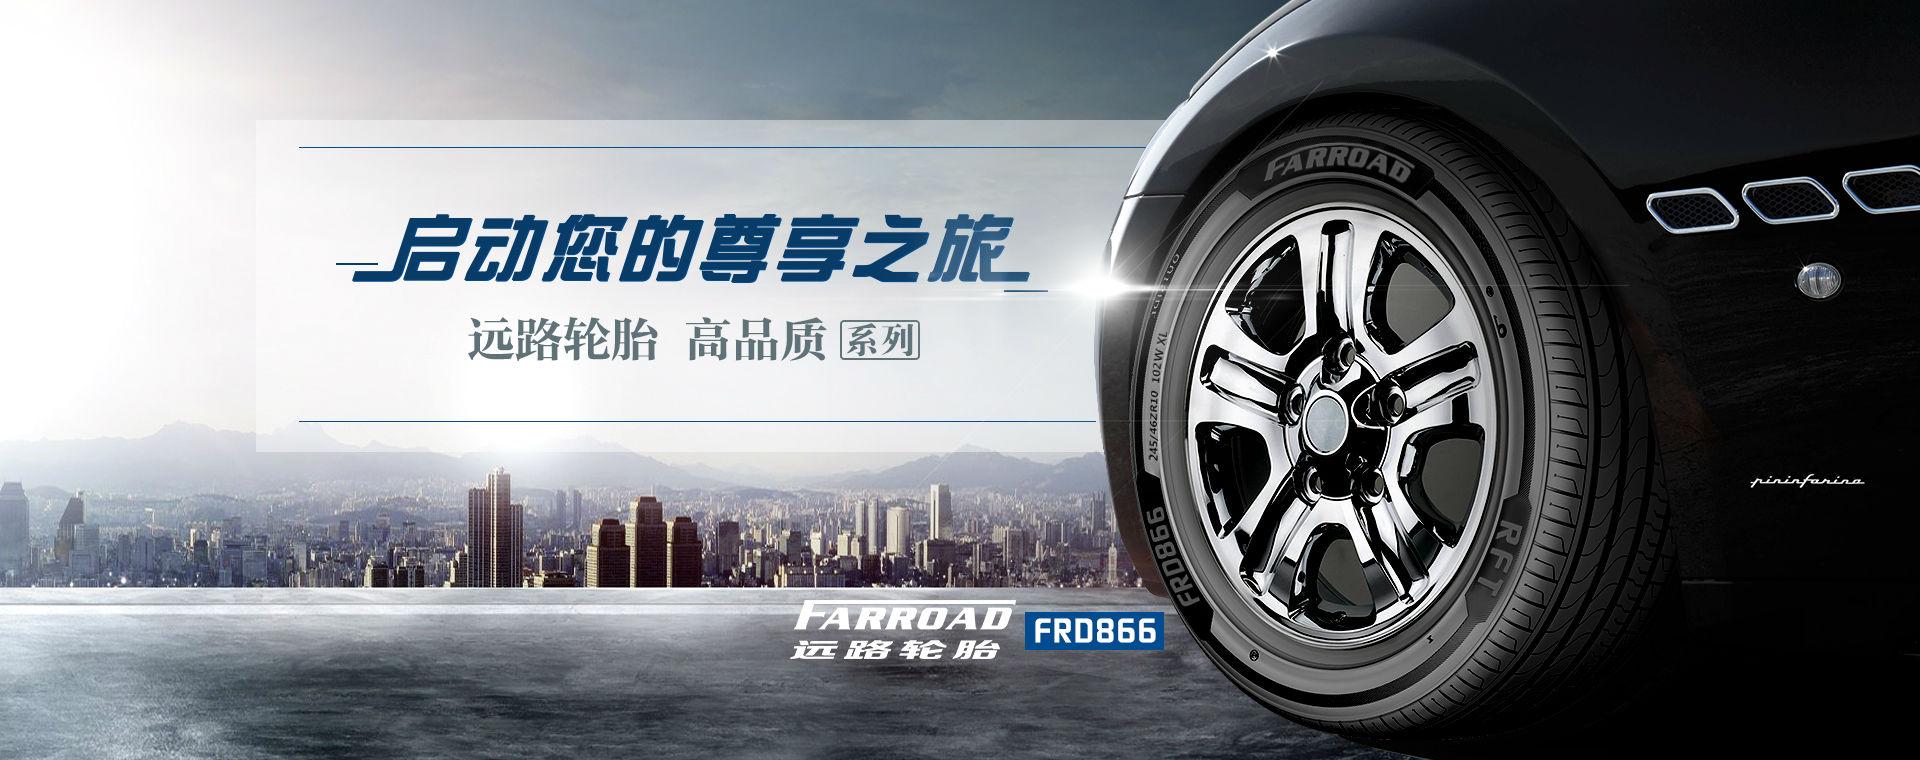 远路轮胎 高品质系列